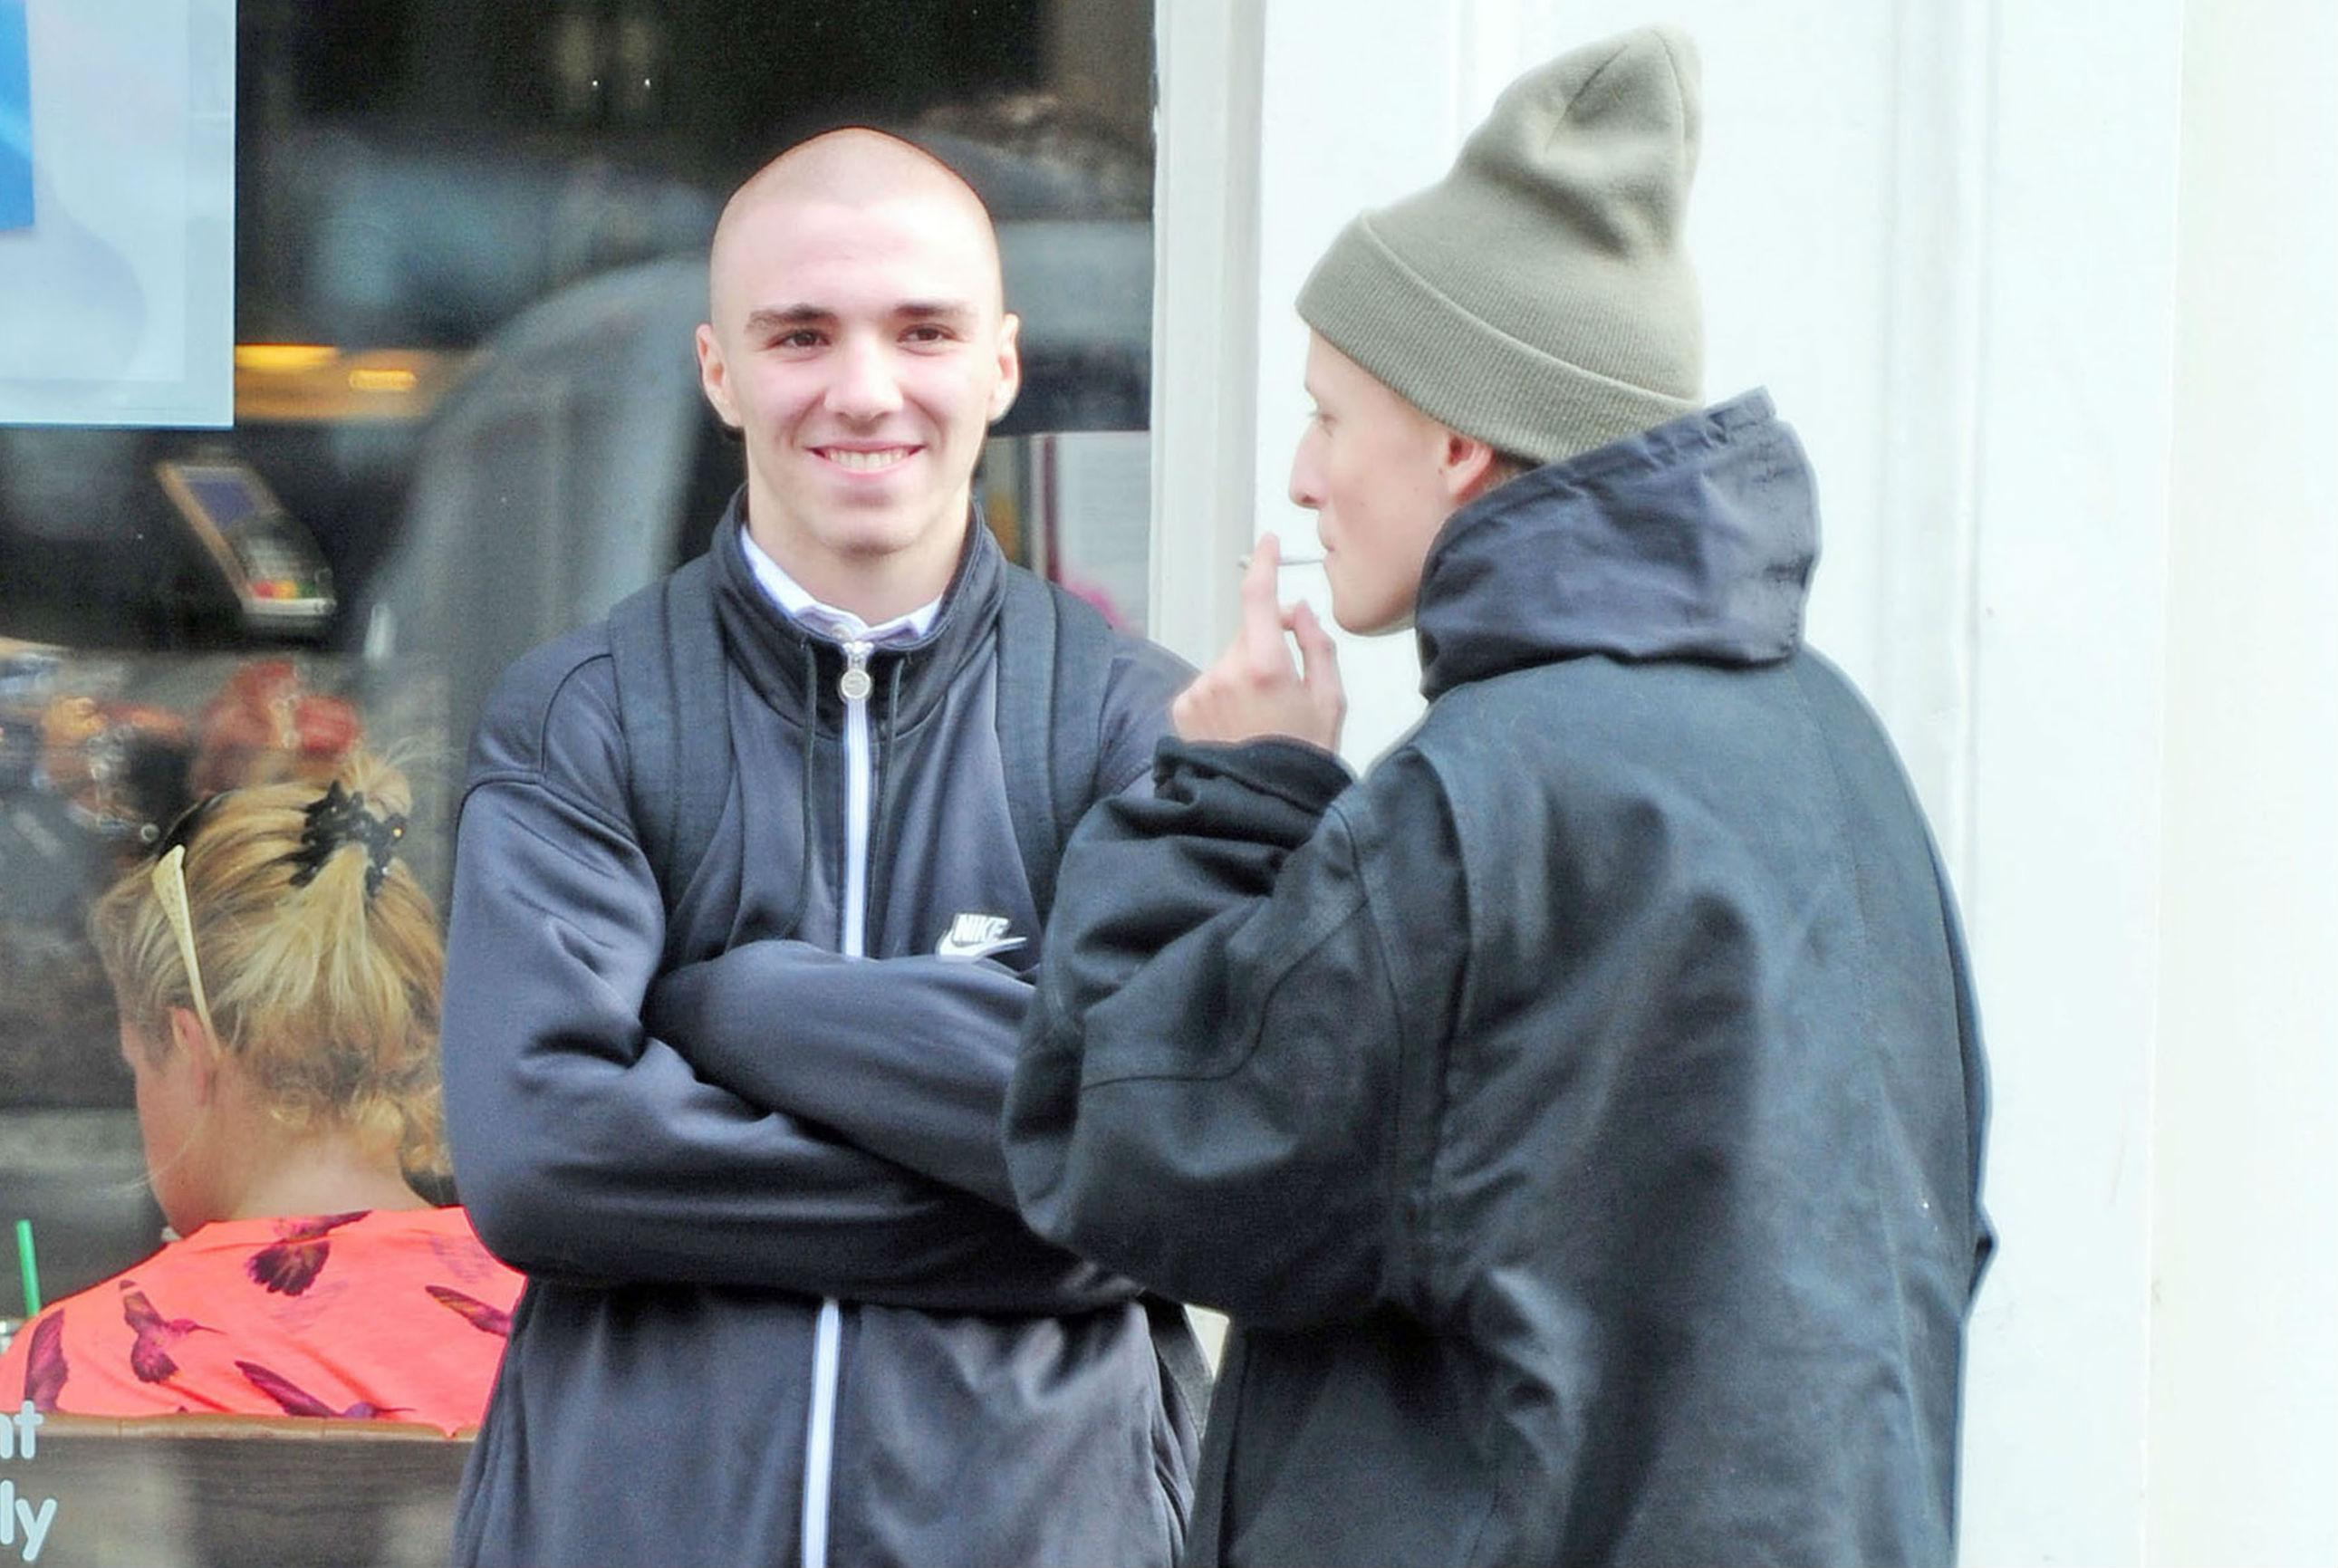 Rocco (de cabelo raspado) conversa com amigo em Londres (Foto: AKM-GSI)